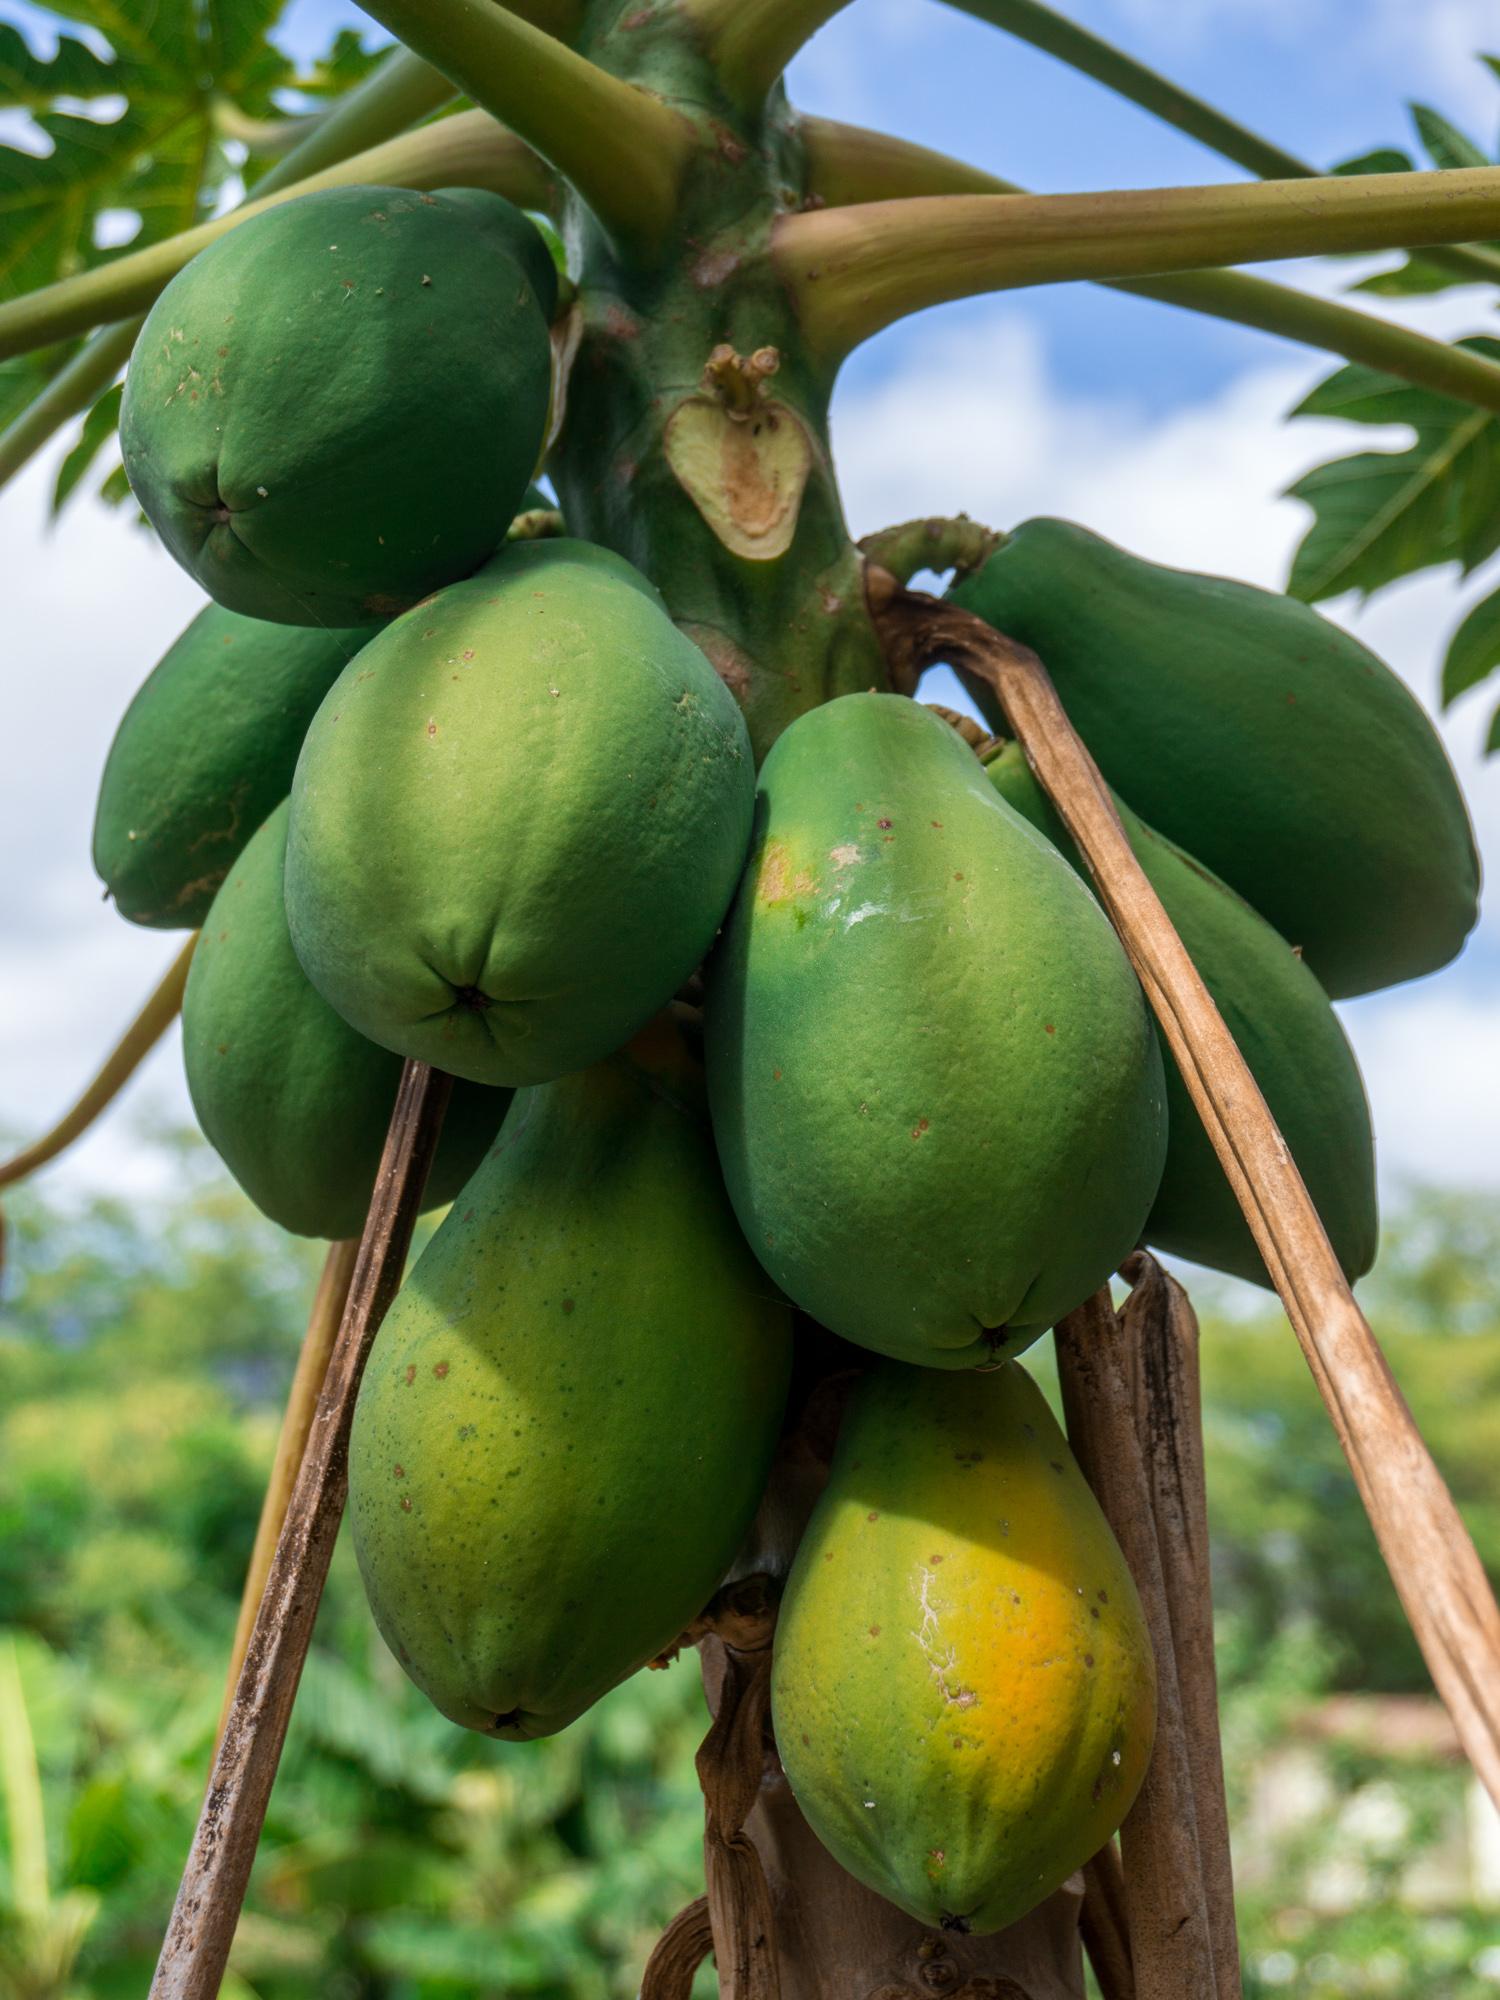 Dieser Papayasalat ist exotisch, frisch, lecker, roh und vegan. Wenn wir eine Grüne Papaya haben und Lust auf einen herzhaften und rohköstlichen Salat, machen wir dieses Rezept sehr gerne.